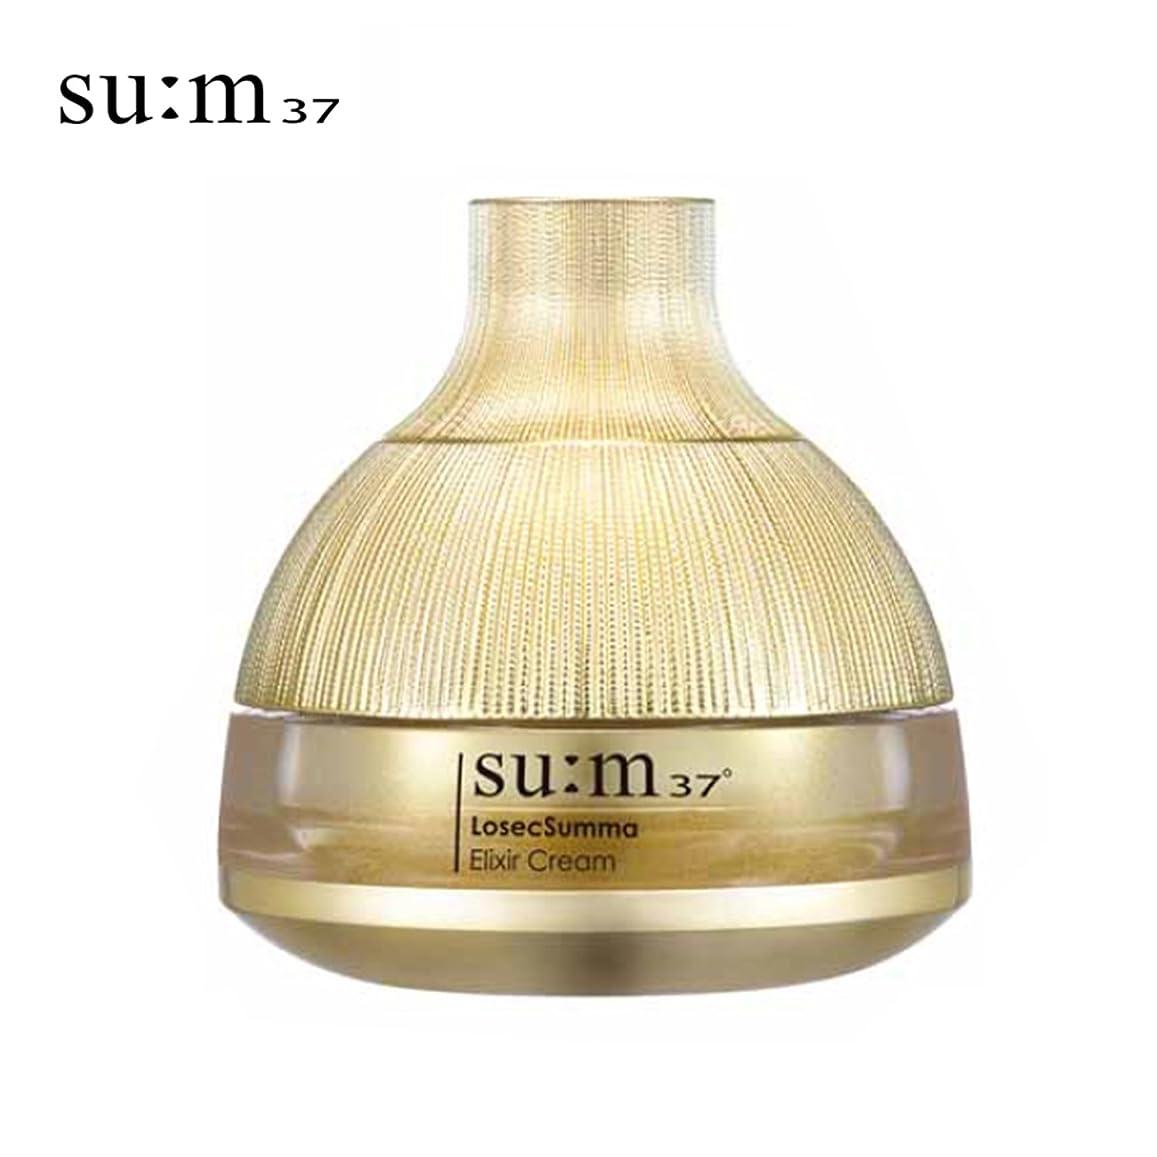 ブーム故障たくさん[su:m37/スム37°]Sum37 LOSEC SUMMA ELIXIR Cream 60ml/スム37 LOSEC SUMMA ELIXIR クリーム 60ml + [Sample Gift](海外直送品)